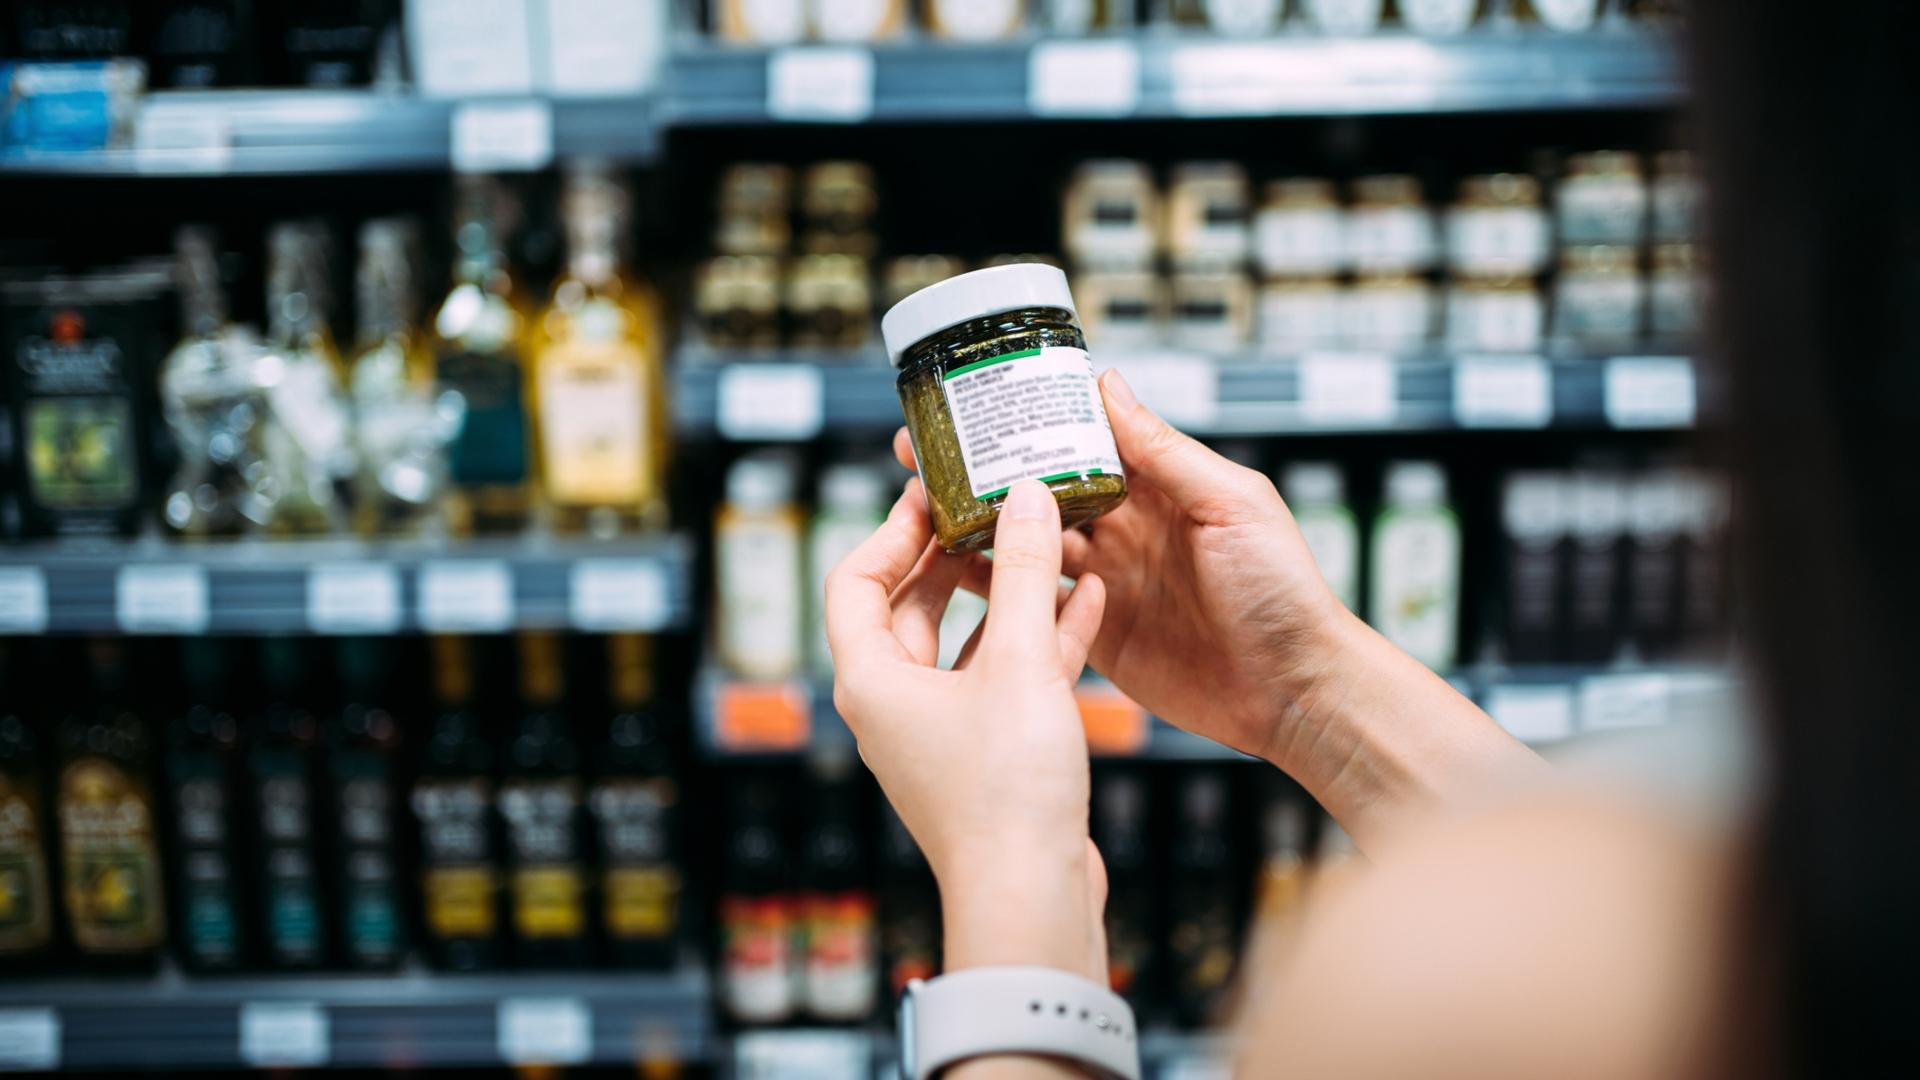 Ételallergia és ételintolerancia közti különbség